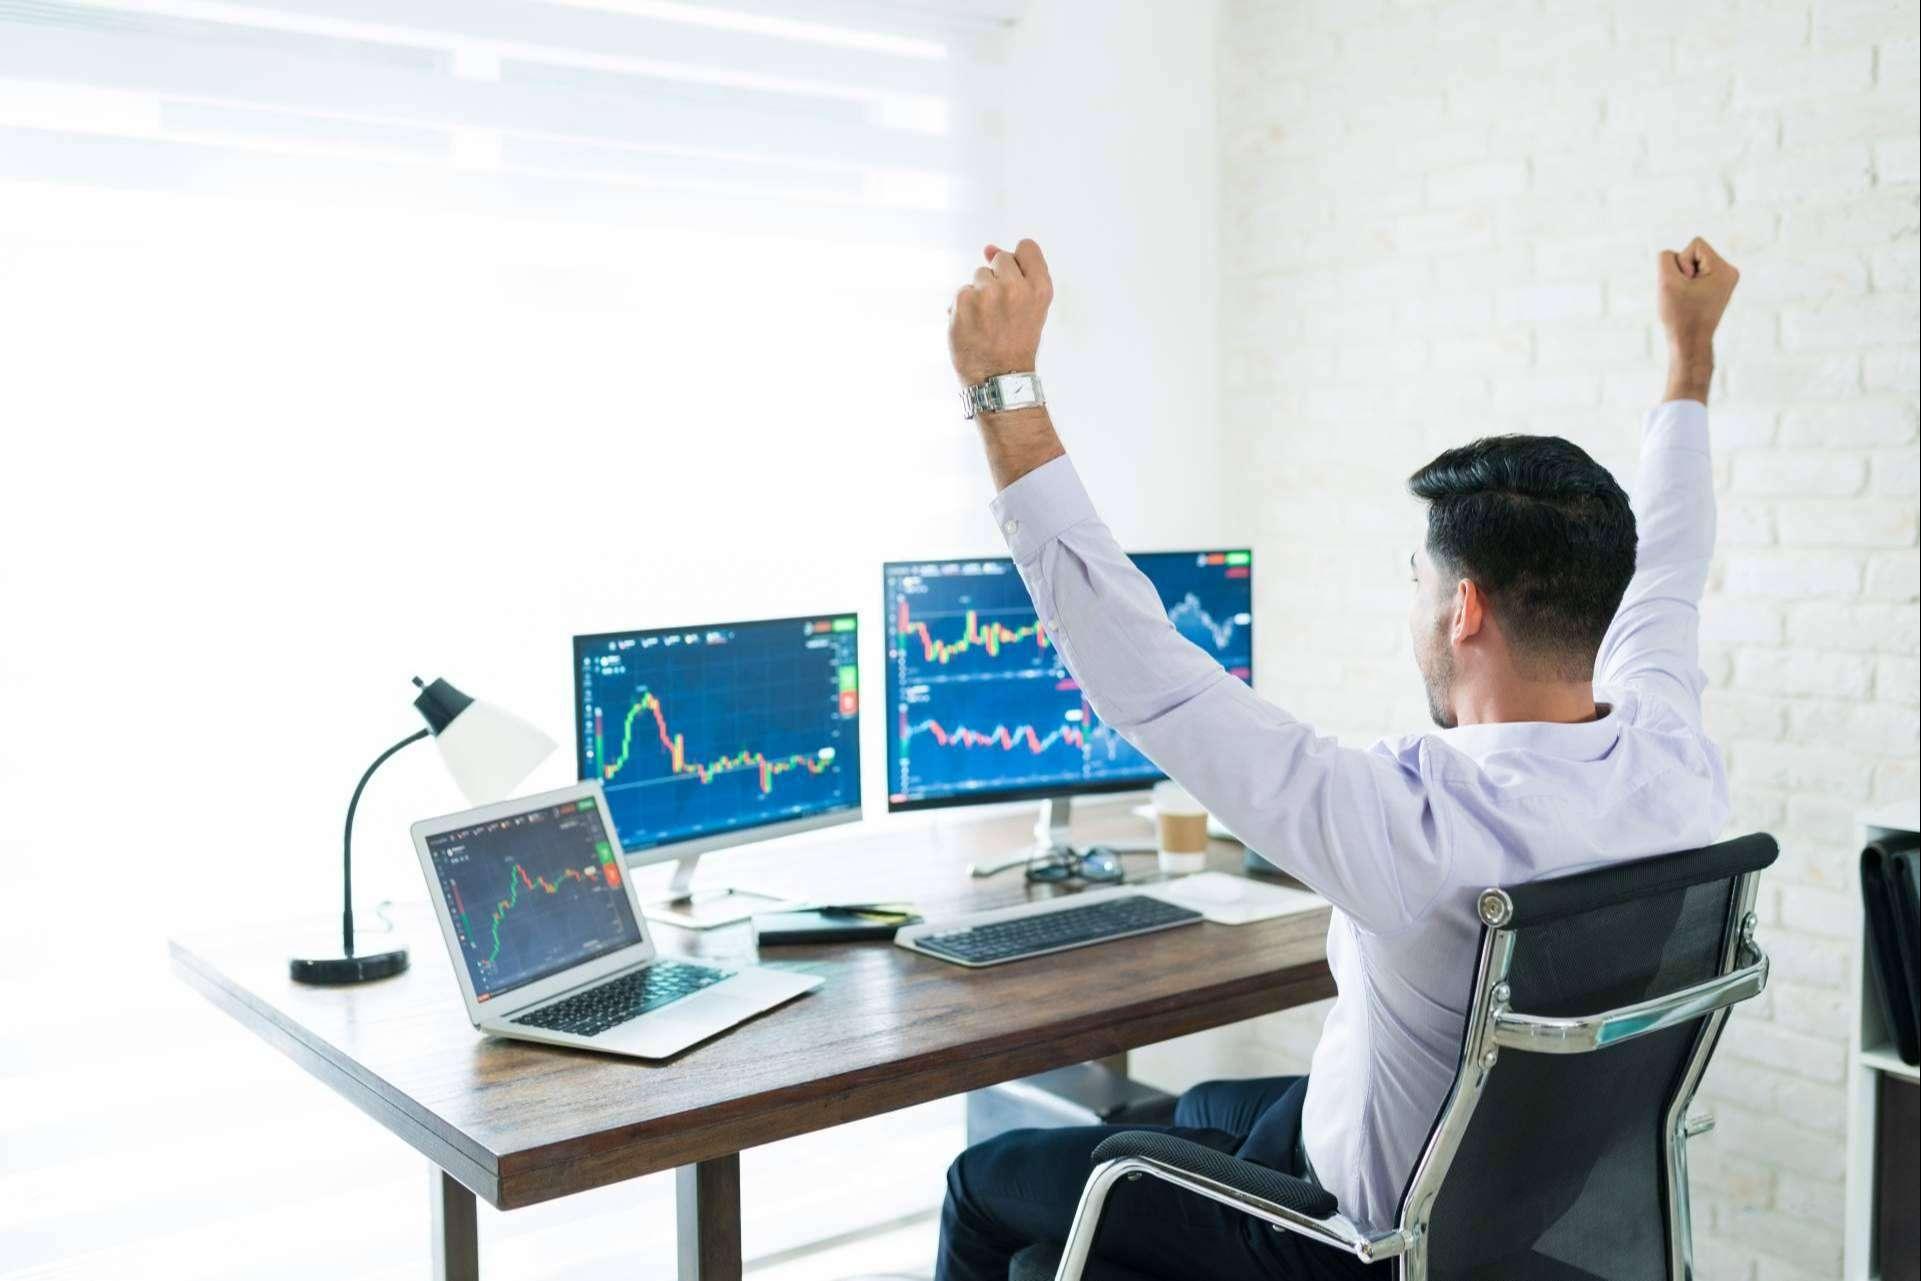 La curva de aprendizaje en el trading mejora con los entrenamientos dirigidos por profesionales expertos